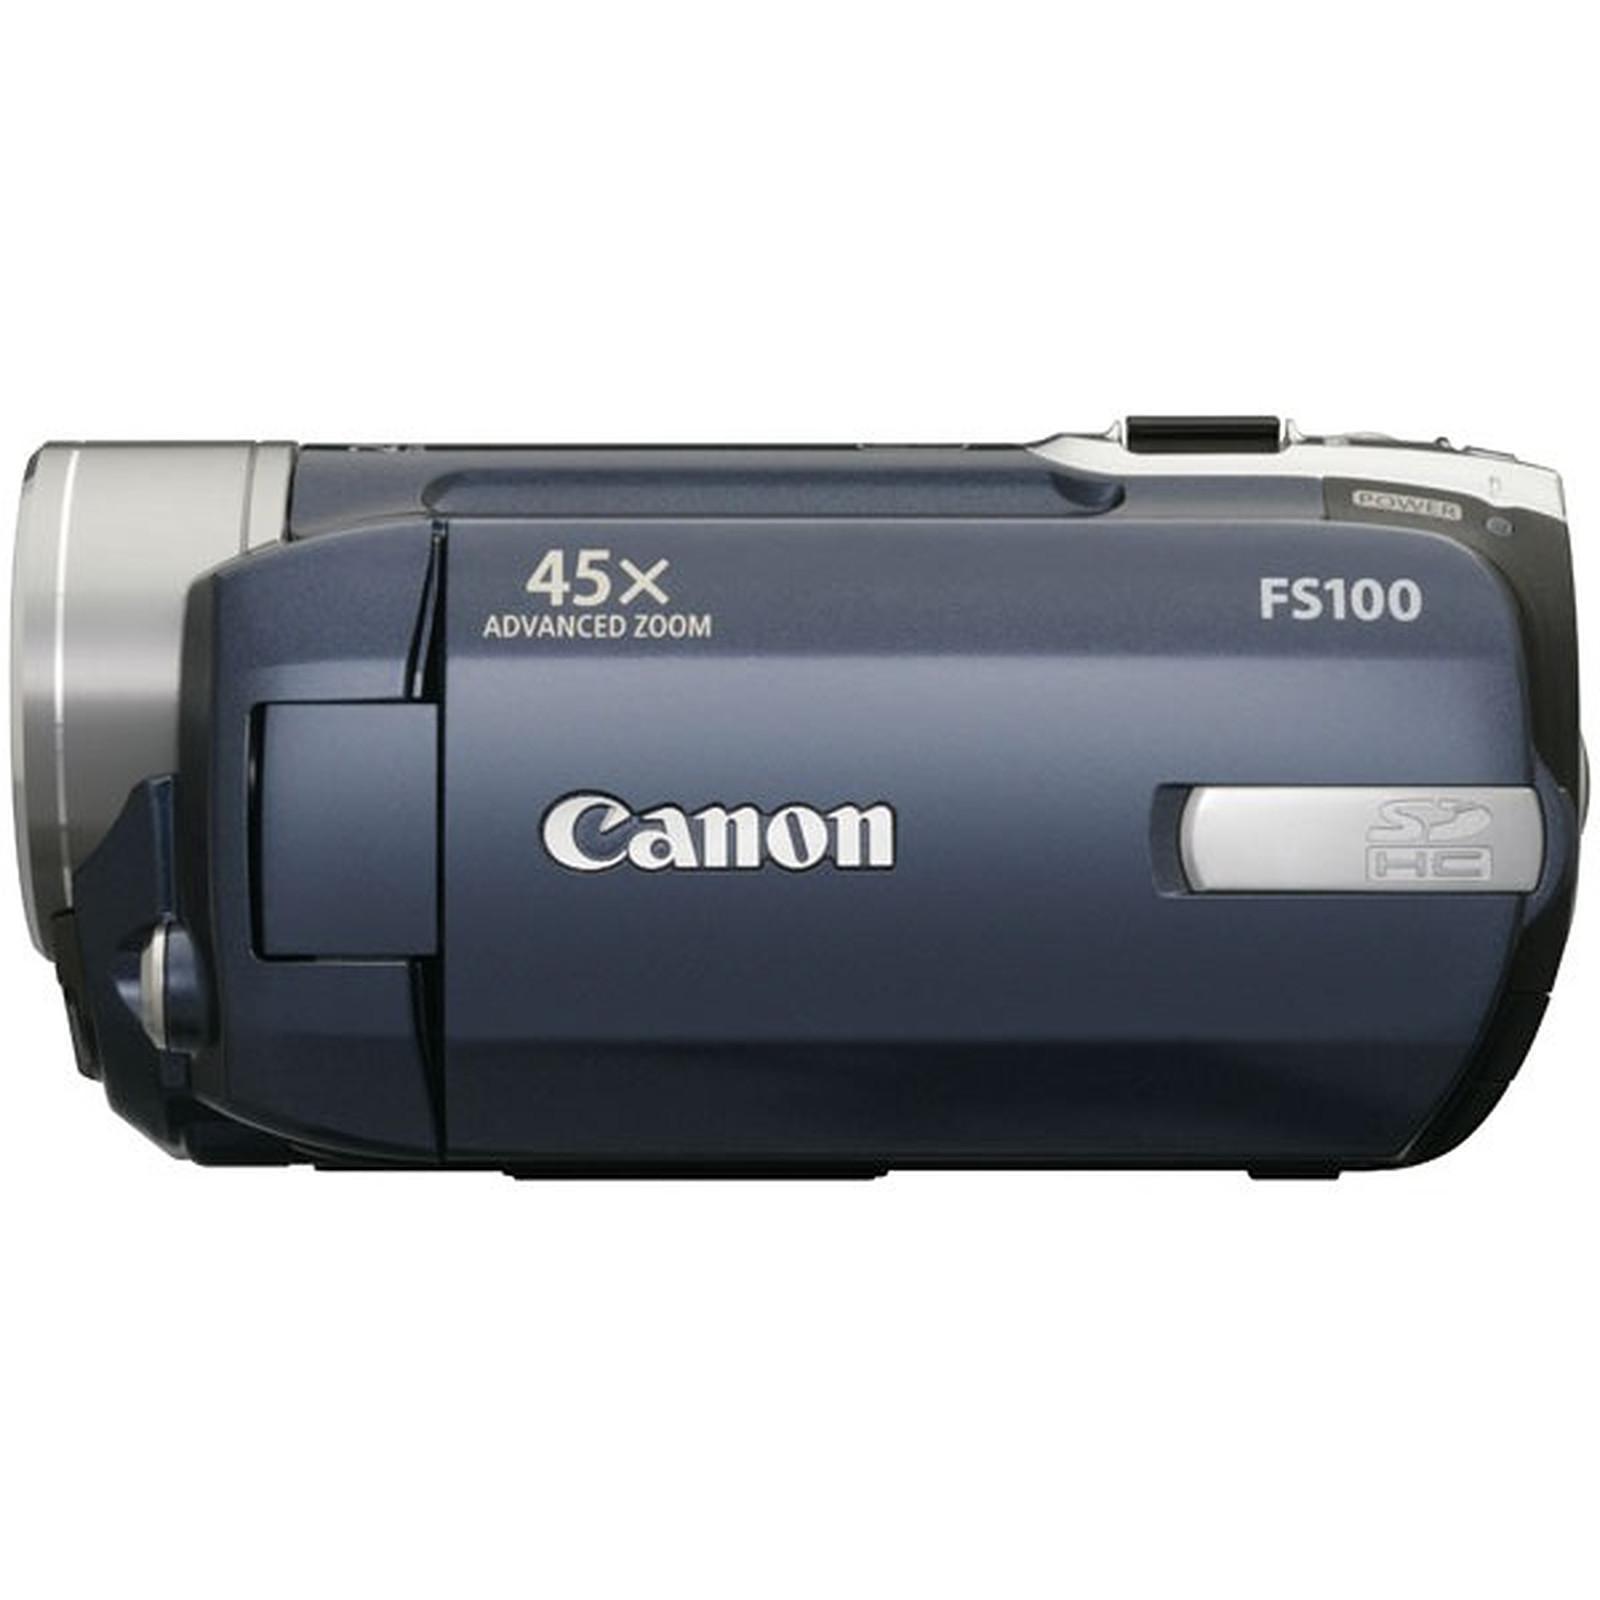 Caméra Canon FS100 USB 2.0 Hi Speed - Bleu/Argent